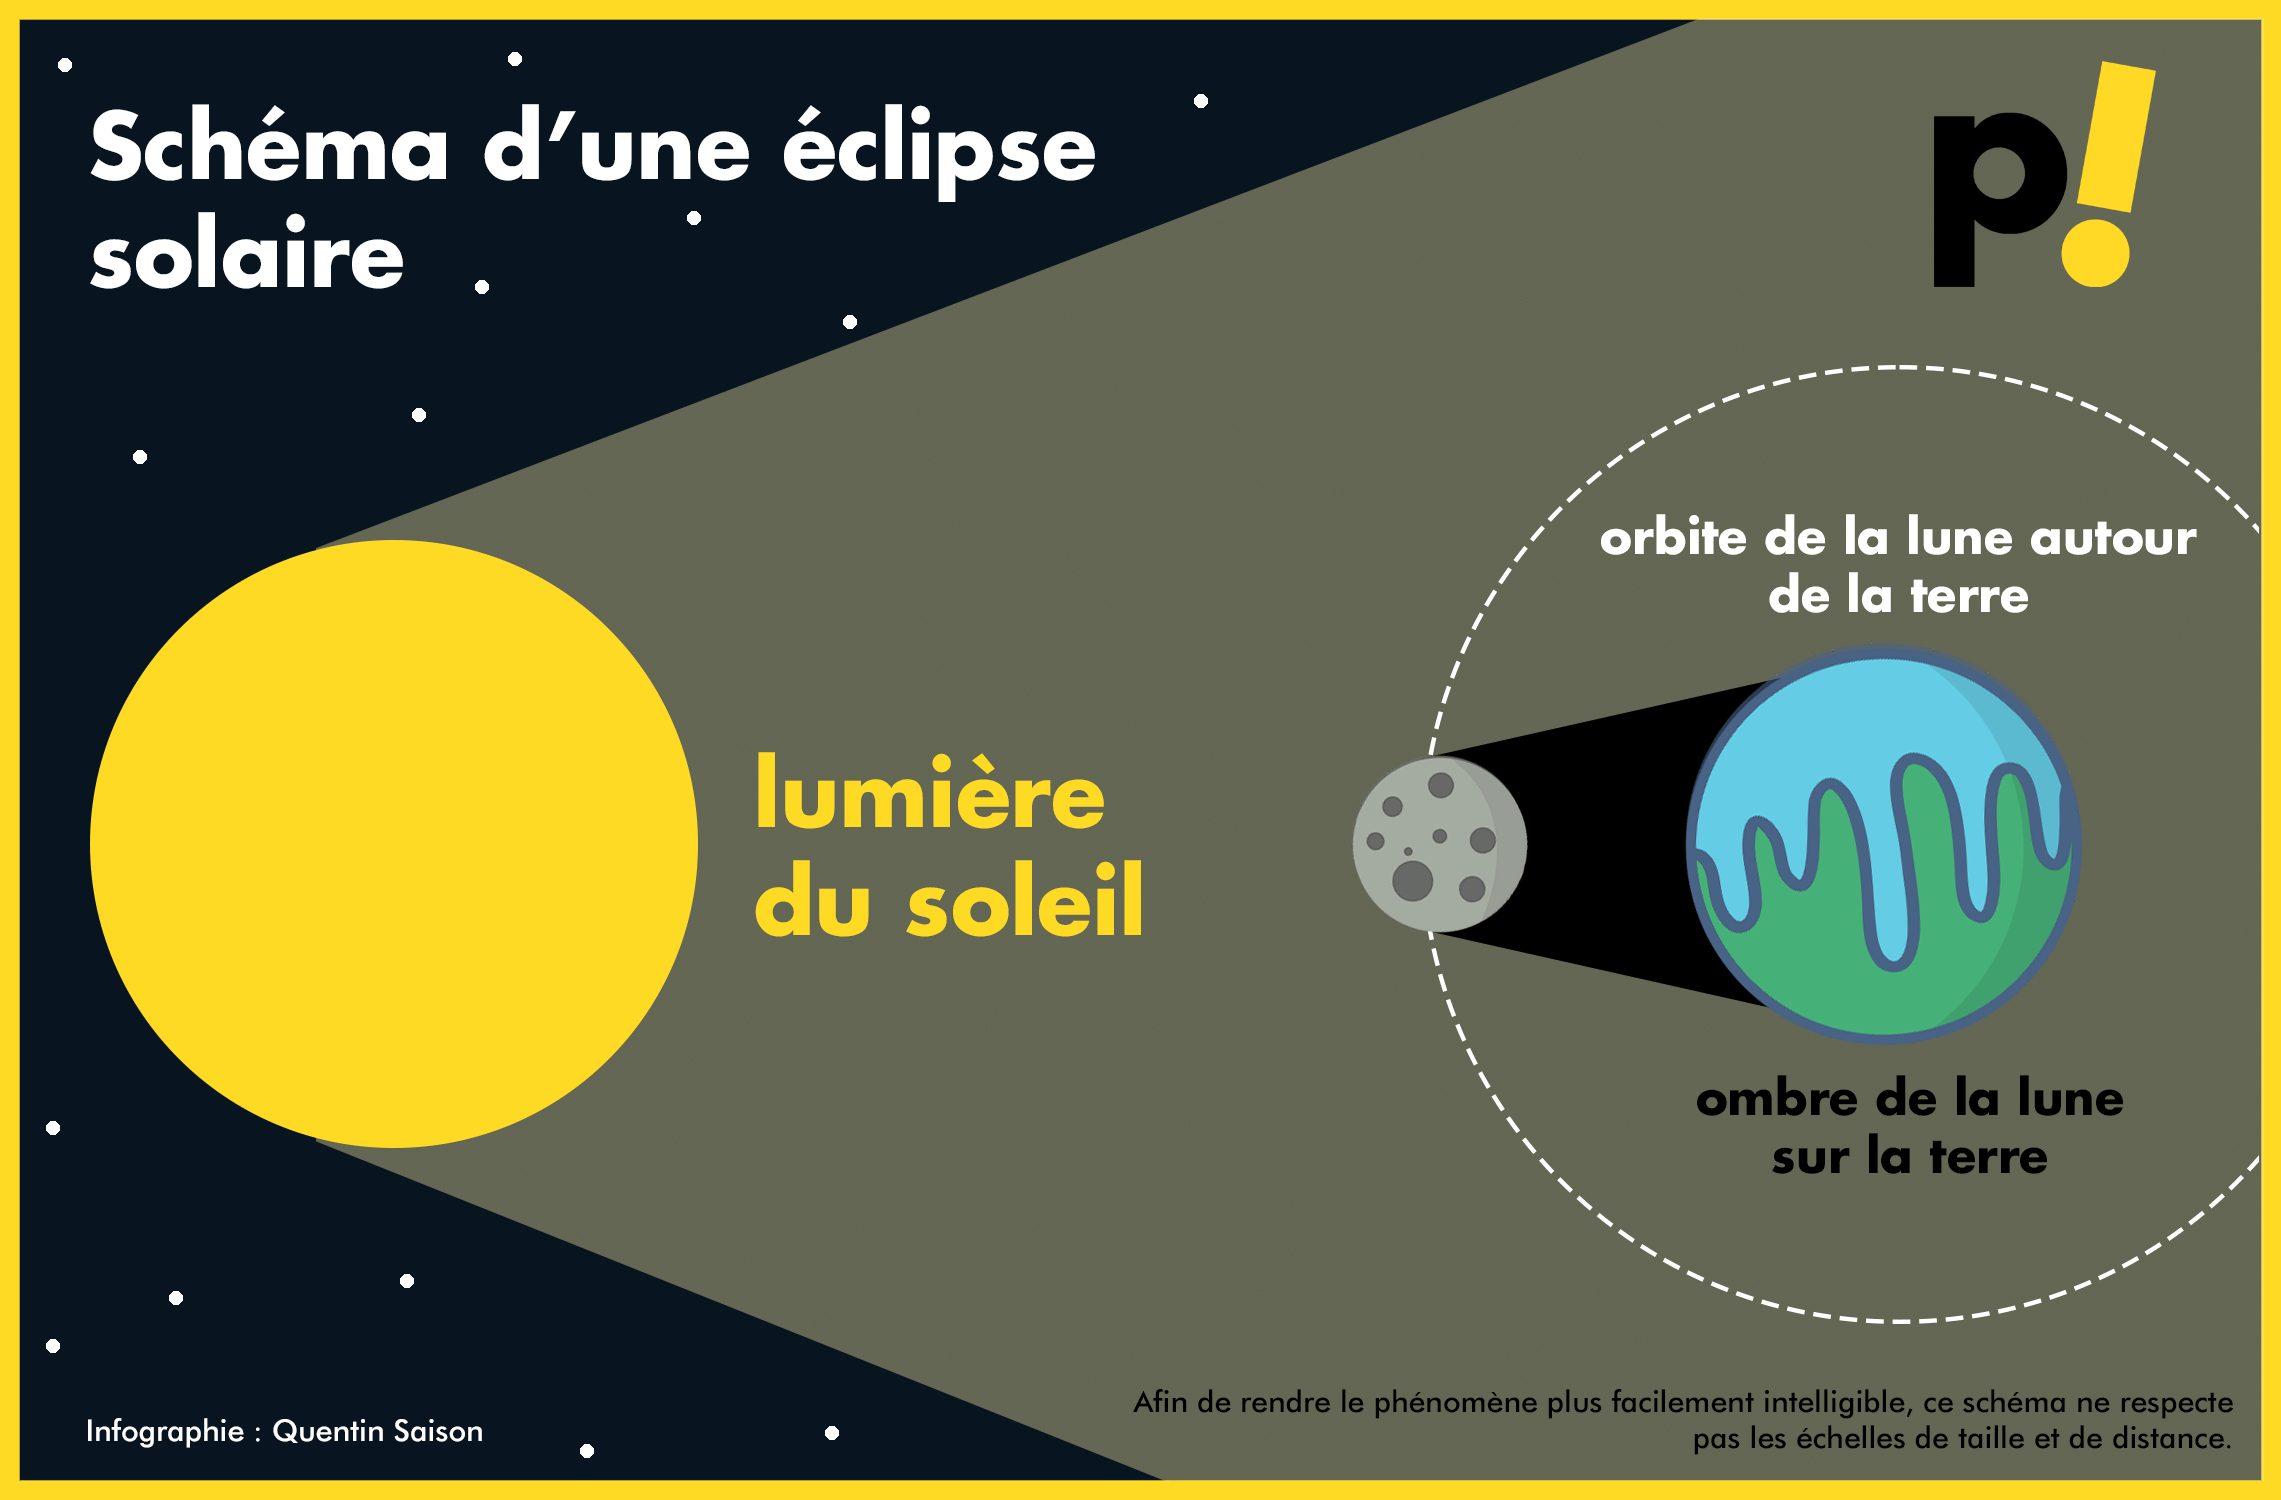 Schéma d'une éclipse solaire. A des fins de vulgarisation, les échelles de taille et de distance ne sont pas respectées, de même que certains principes physiques qui ne rentrent pas en jeu dans l'apparition d'une éclipse. Infographie Quentin Saison